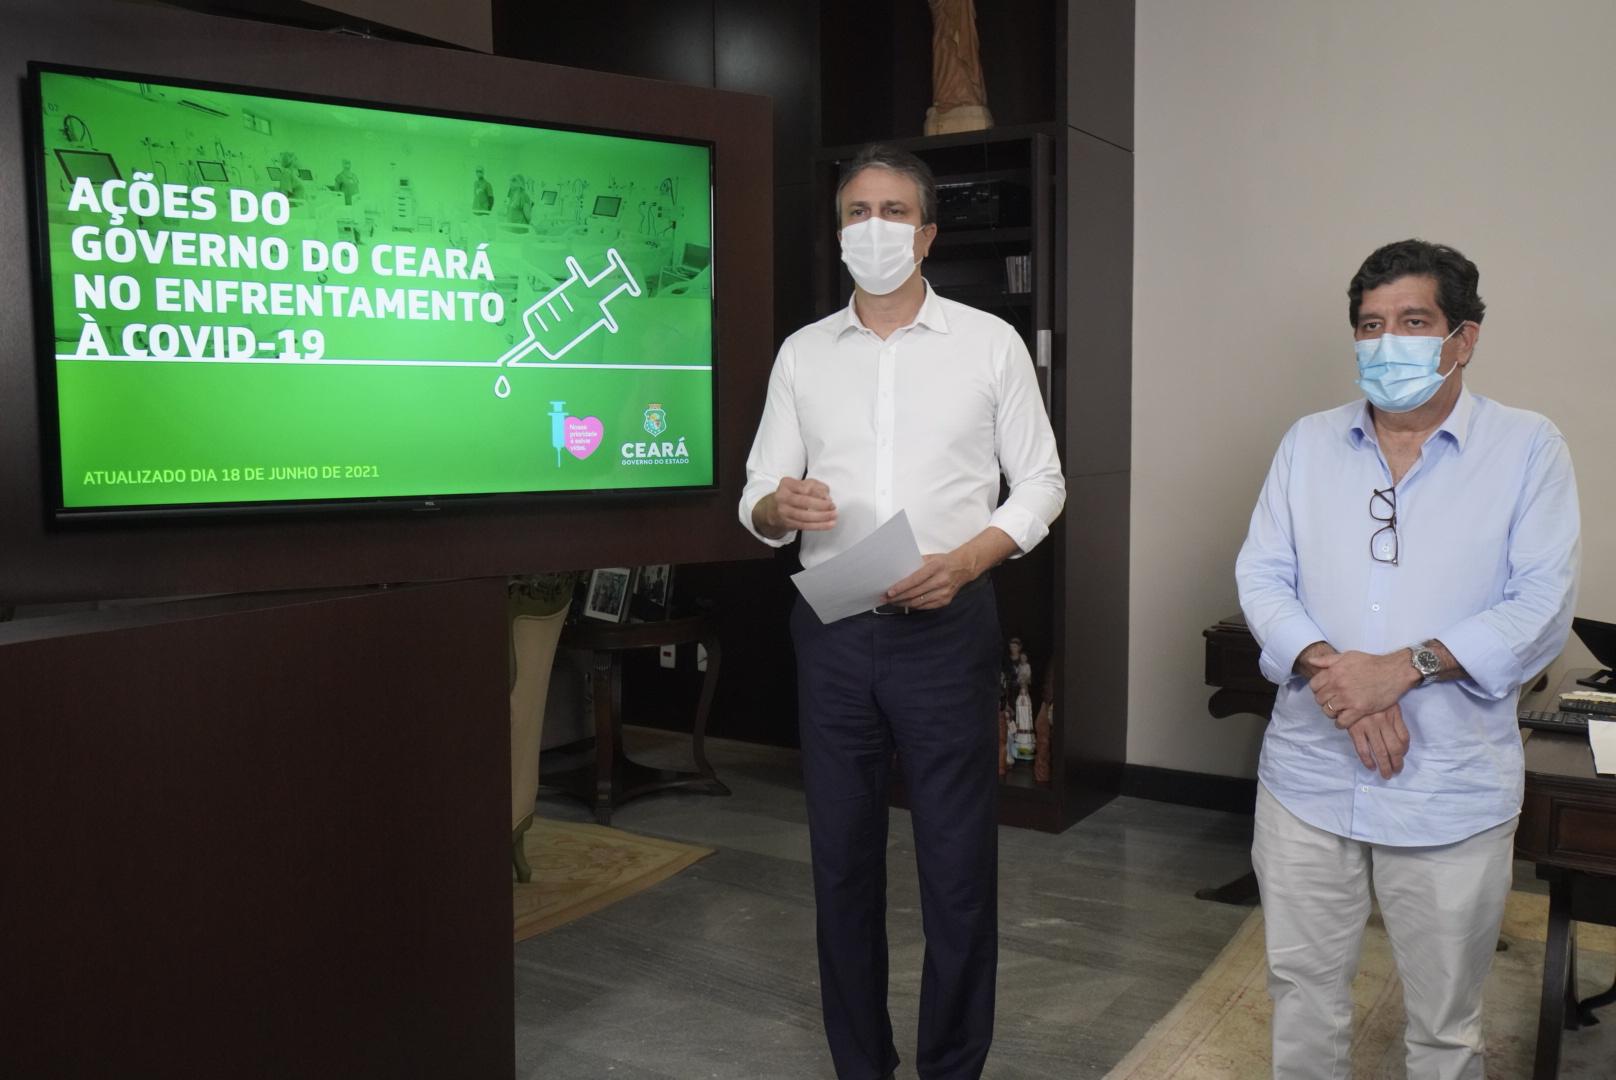 Decreto é renovado sem alterações; Ceará terá pacto pelo controle da pandemia